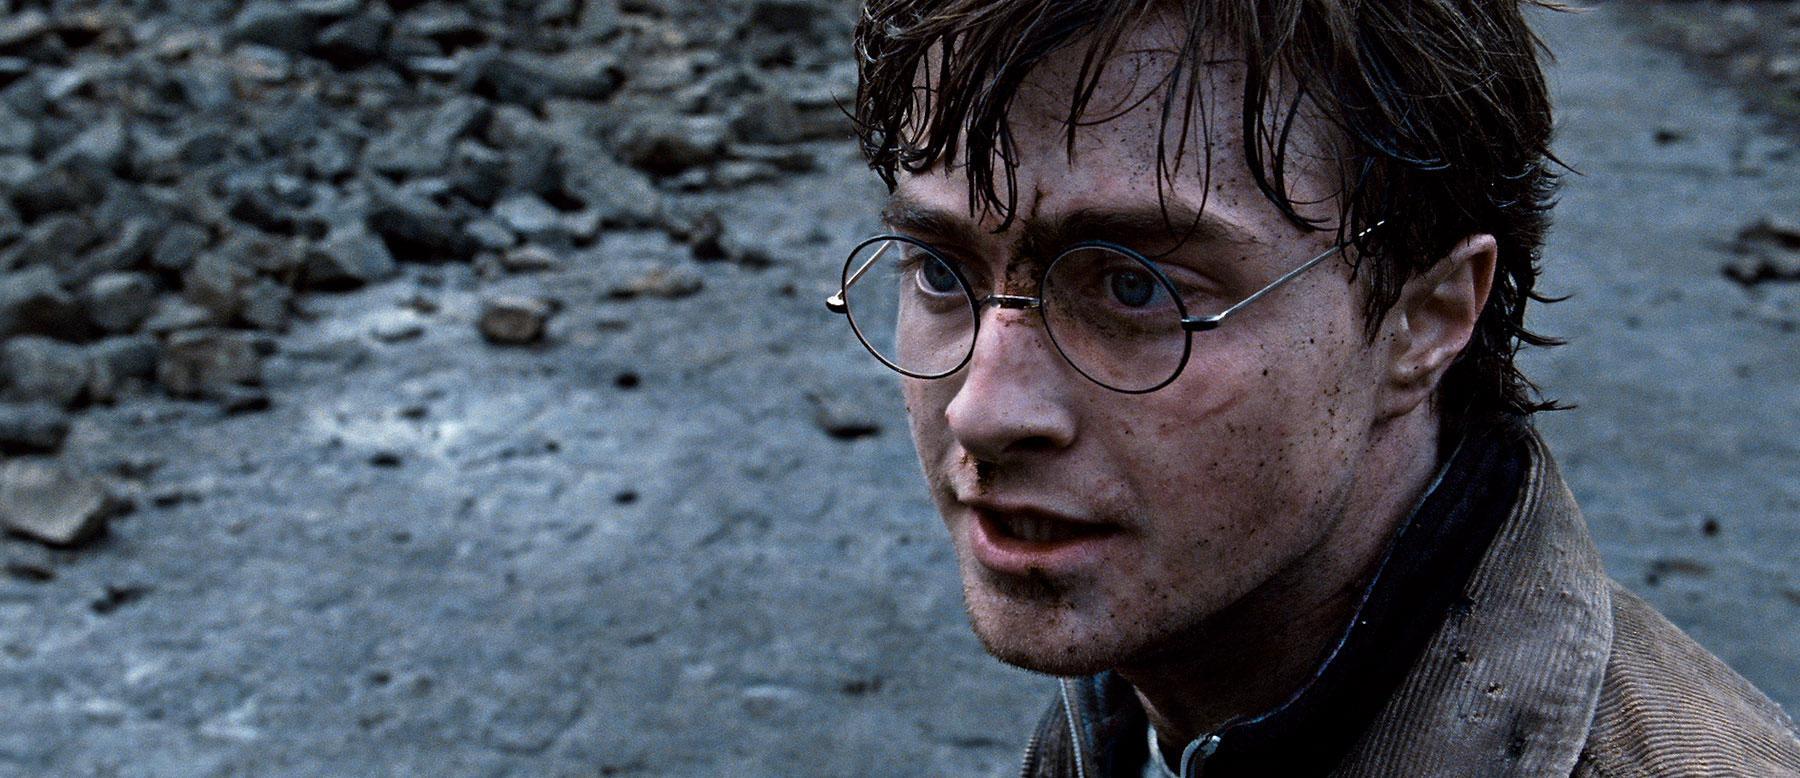 Harry Potter 7 - Les personnages